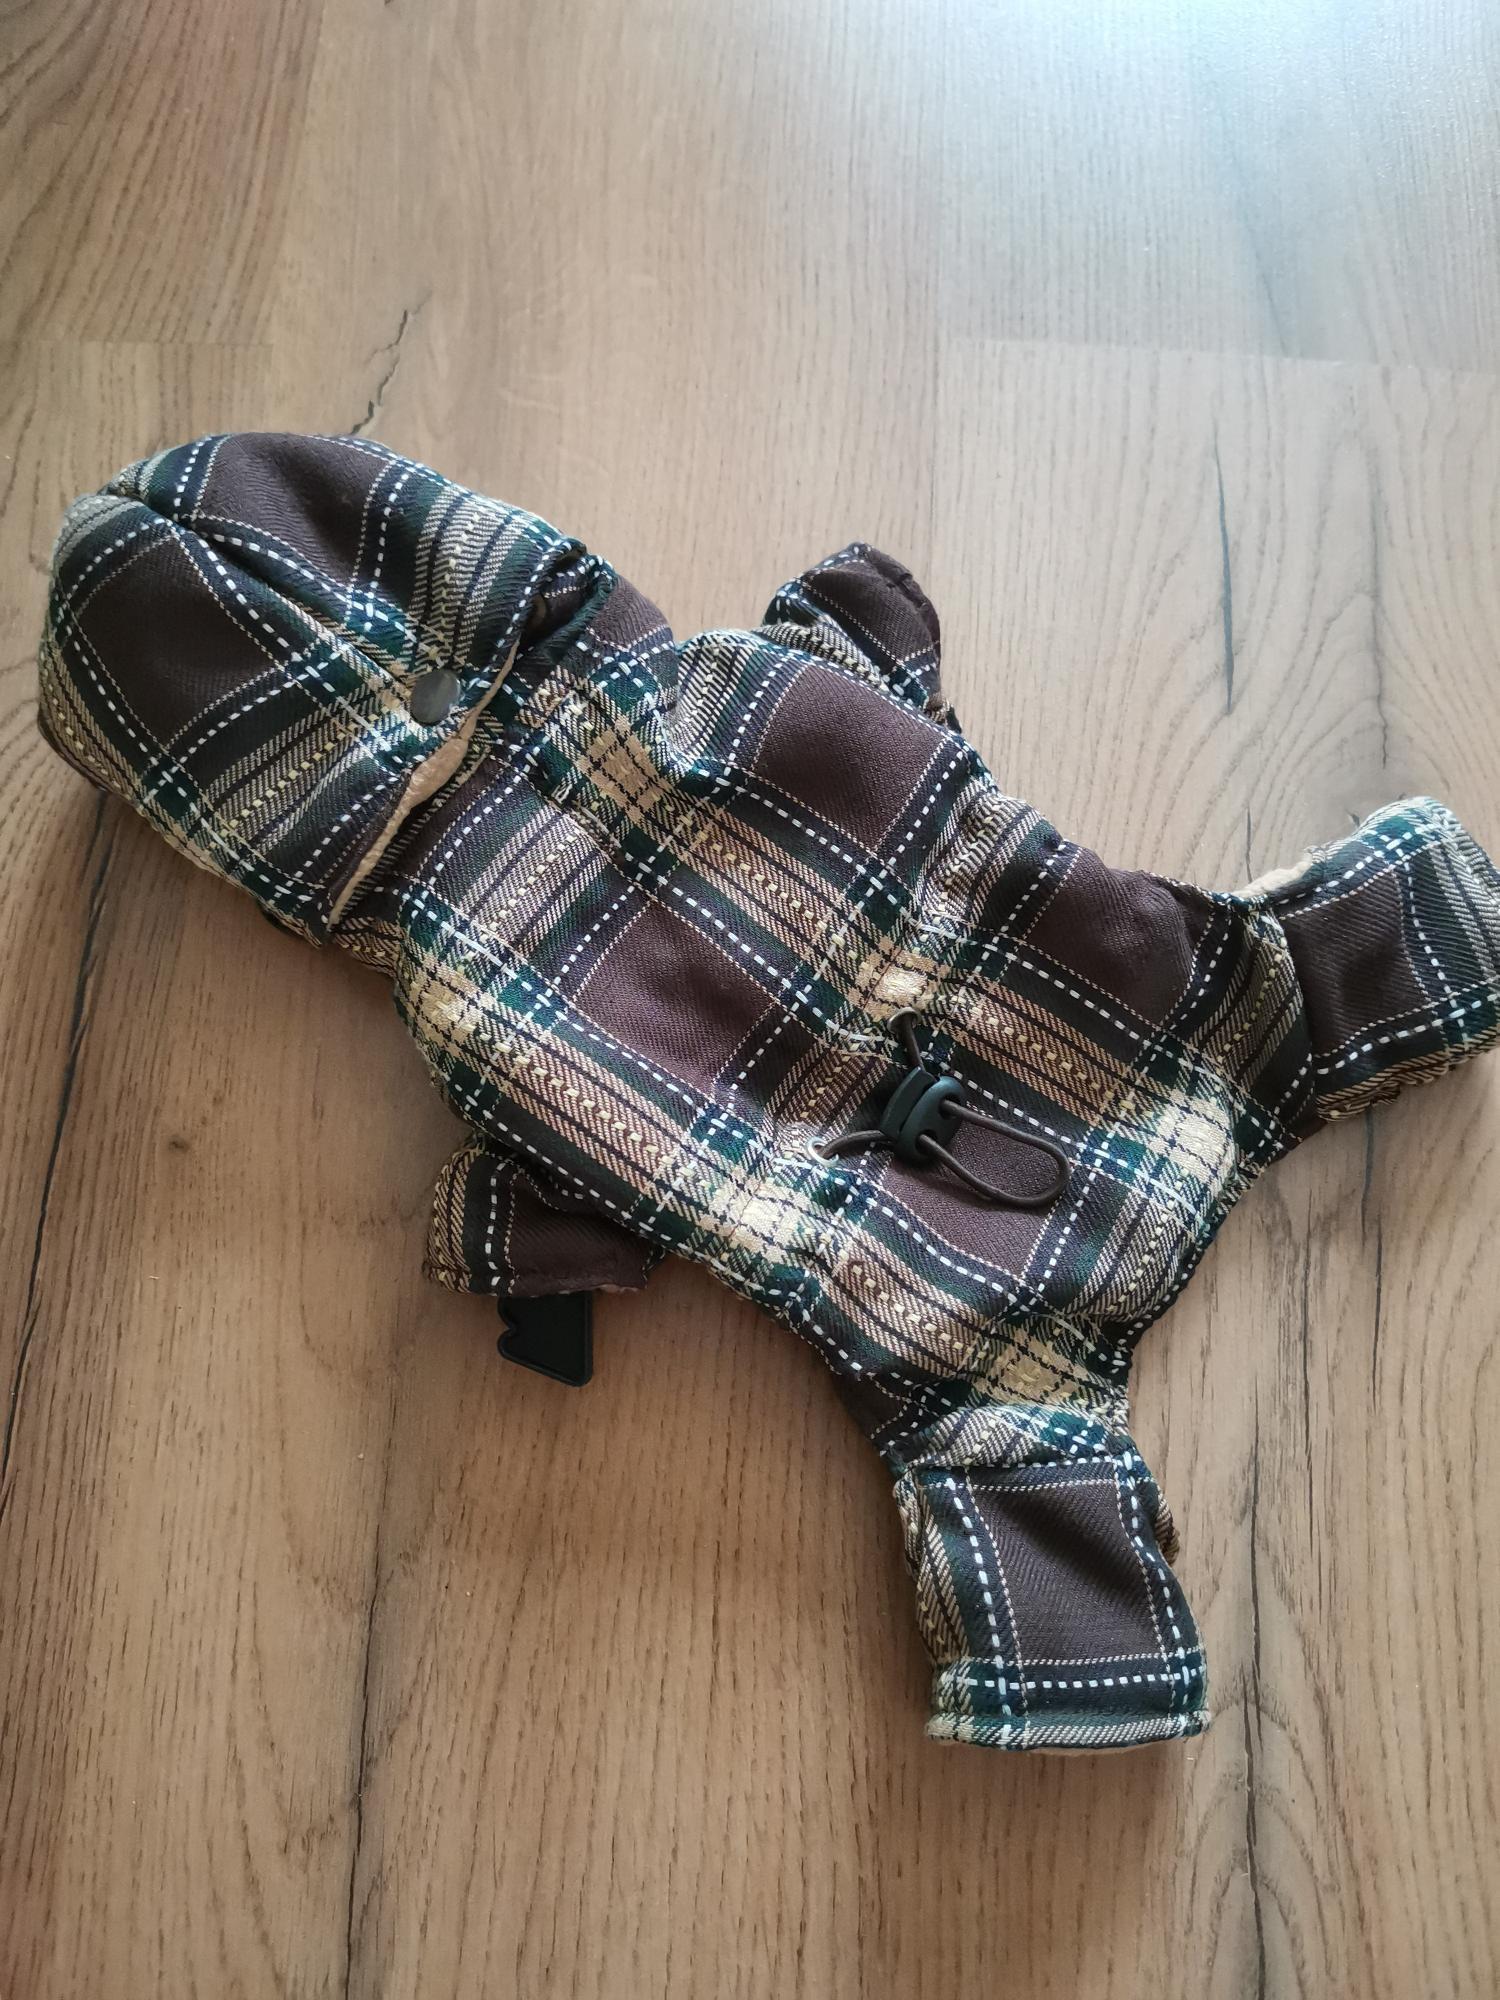 Комбез для собак 20см в Москве 89261426284 купить 2